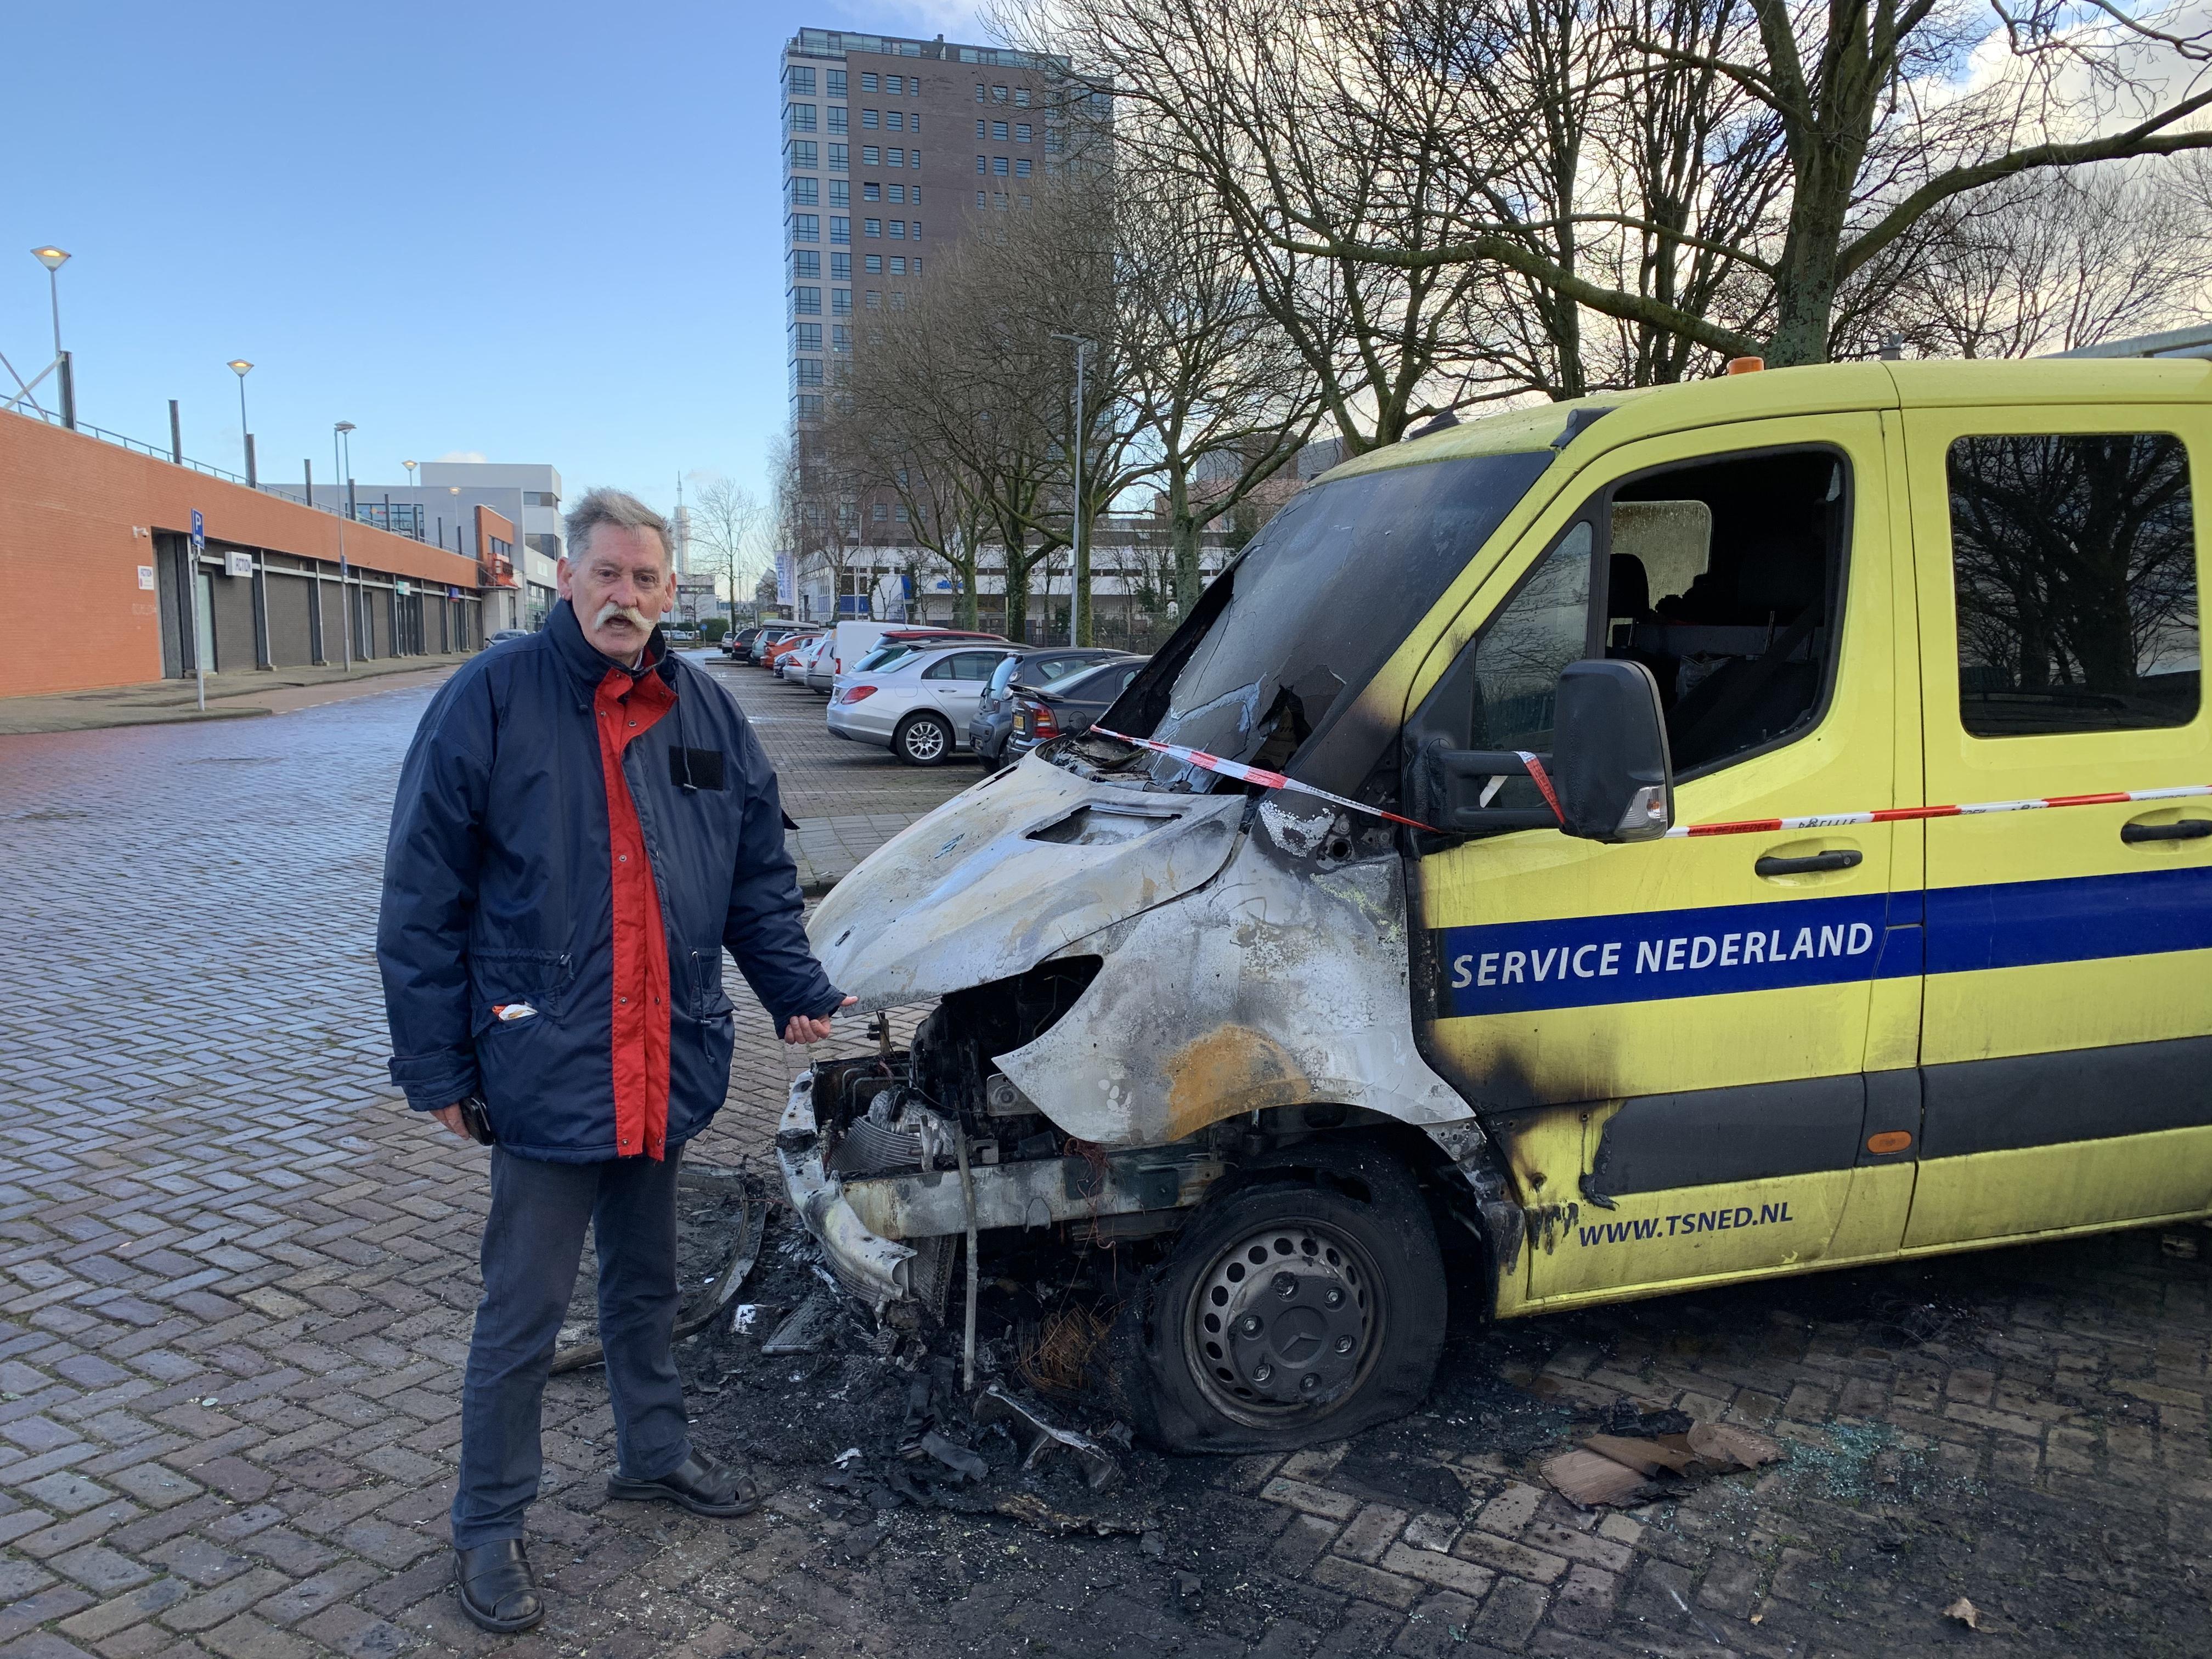 Dealen en straatraces in de Werfstraat in Haarlem, dan kunnen autobranden er ook nog wel bij